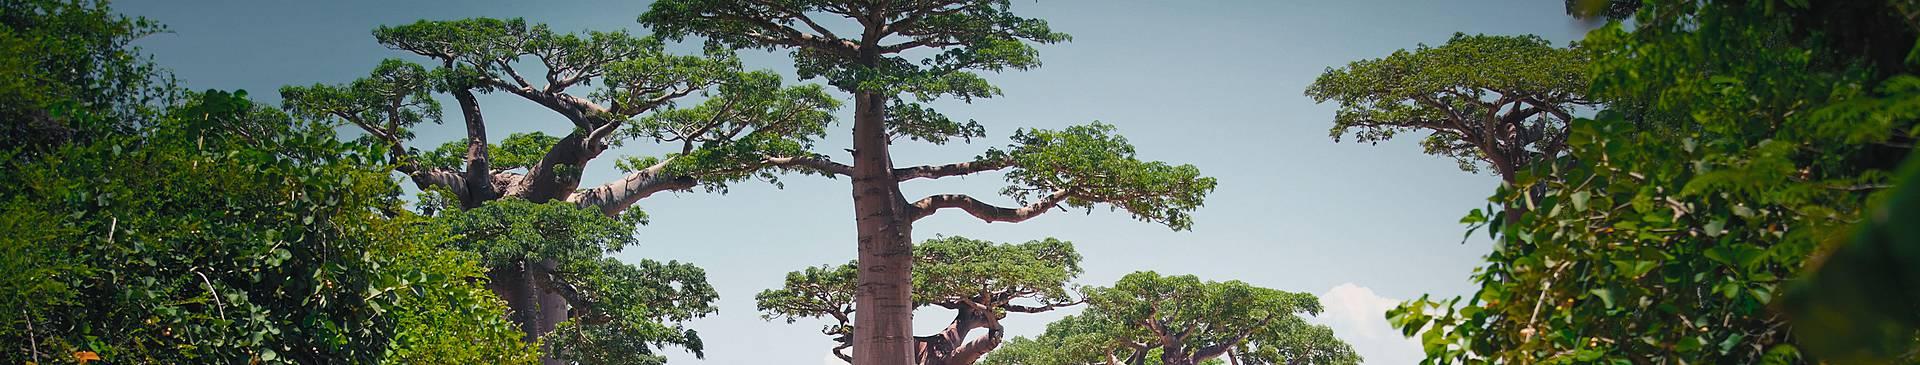 Naturreisen Madagaskar